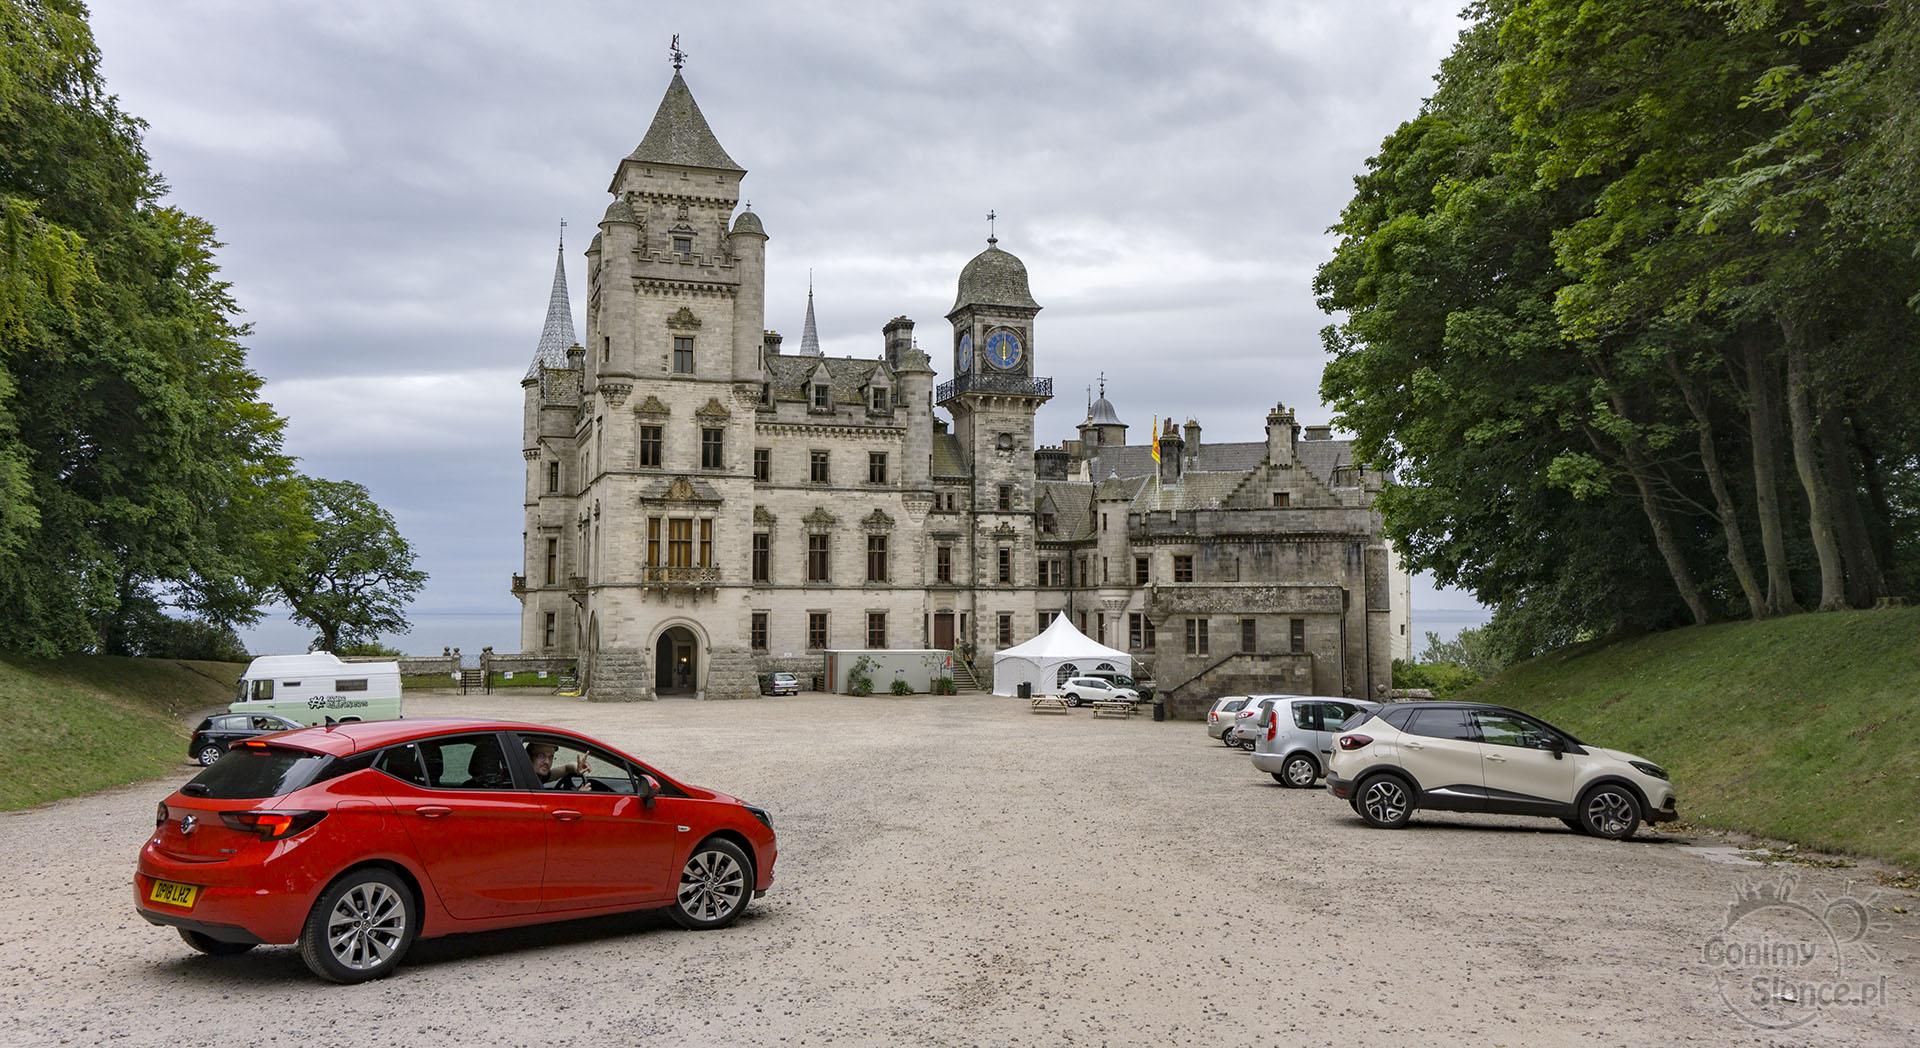 Wynajem samochodu w Szkocji, zamki Szkocji